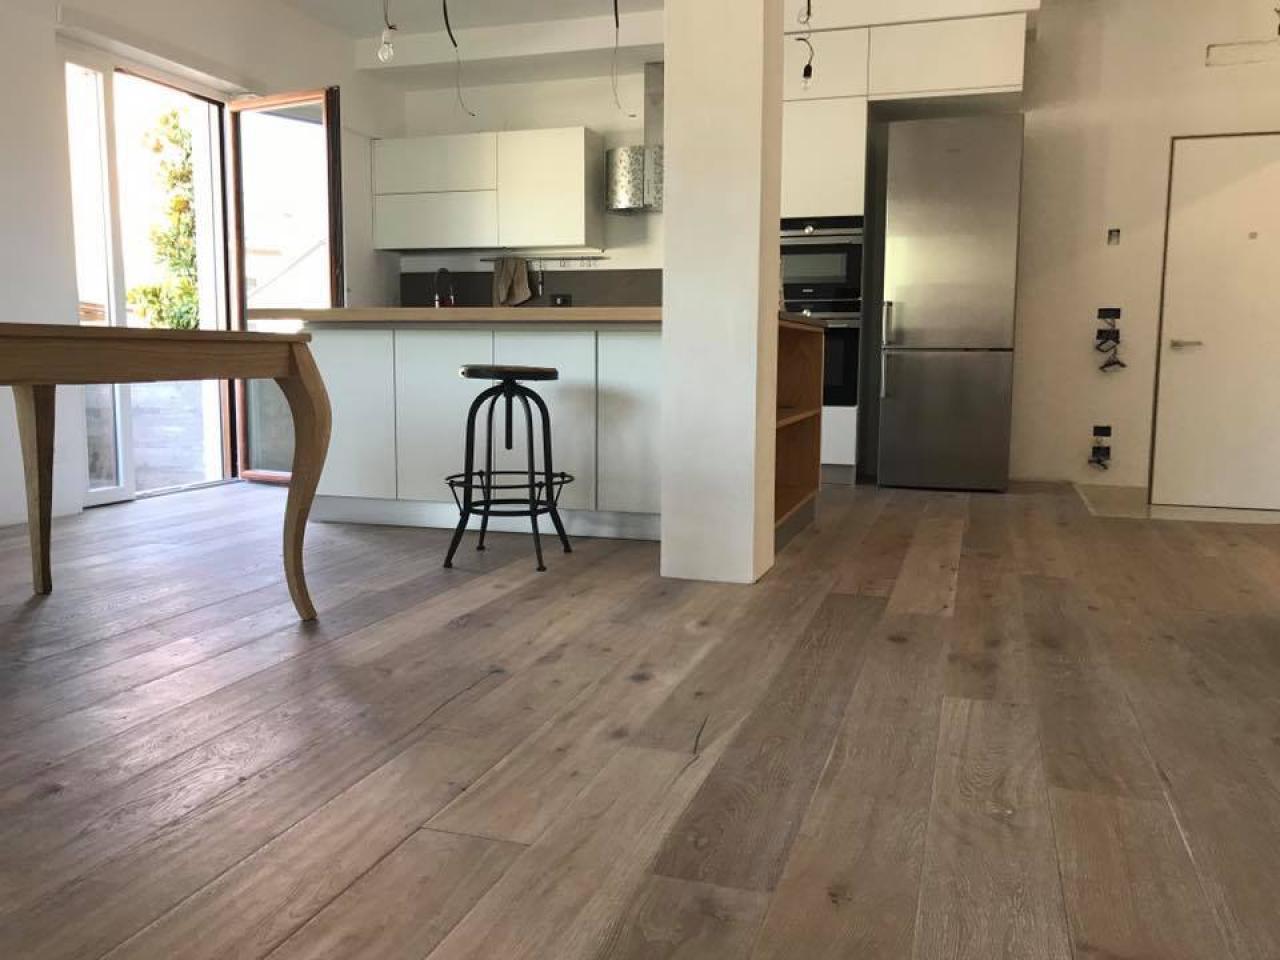 Un pavimento in rovere sbiancato piallato a mano a vicenza fratelli pellizzari - Bagno pavimento legno ...